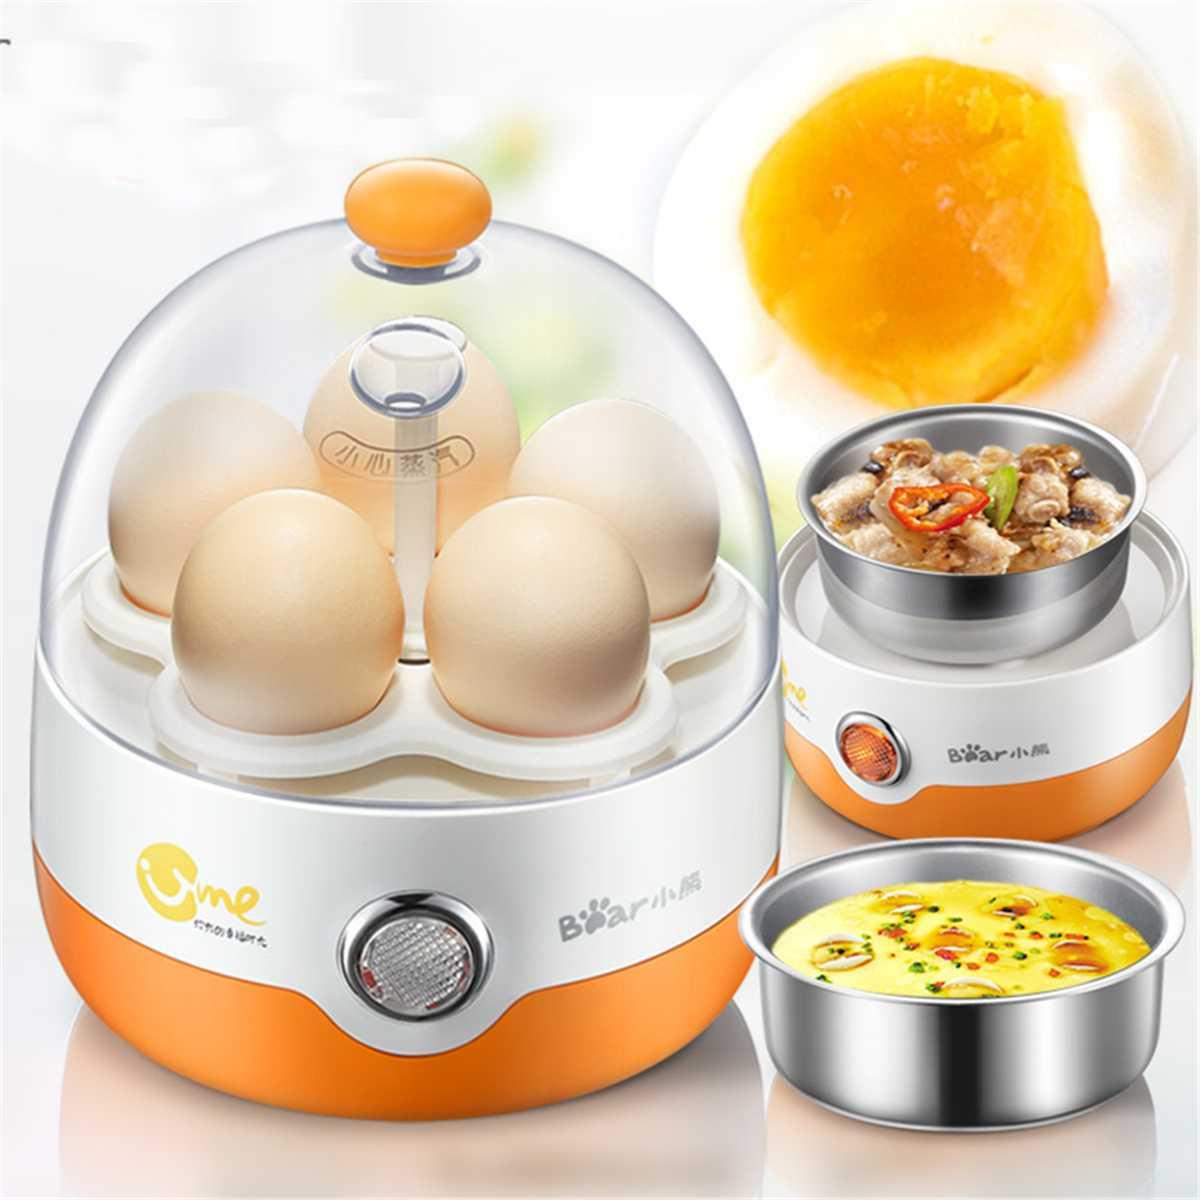 Hervidor eléctrico multifuncional de 5 huevos cocina de acero inoxidable Teel potencia automática Mini vaporizador escalfador cocina herramienta de cocina 200W